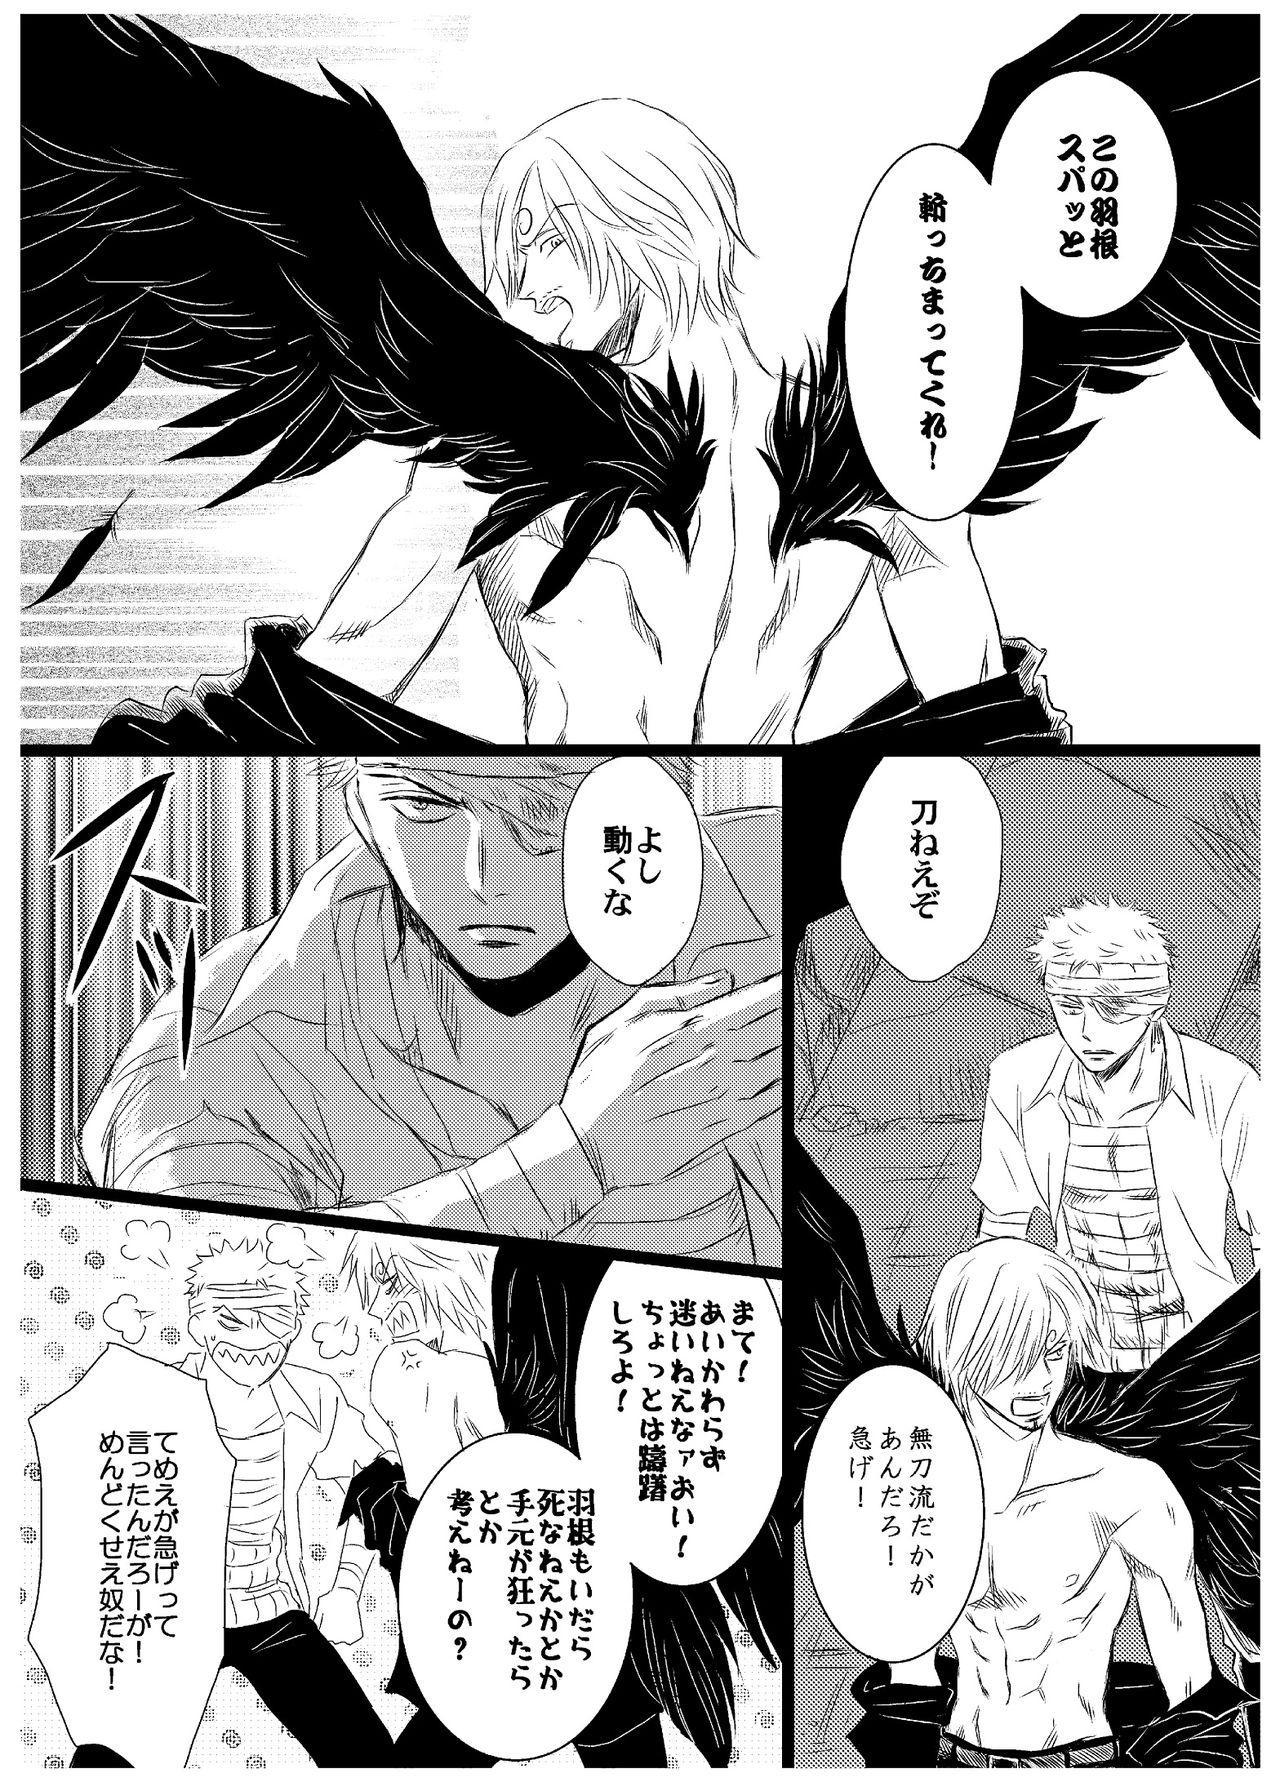 Inryoku de Hanasanai 25